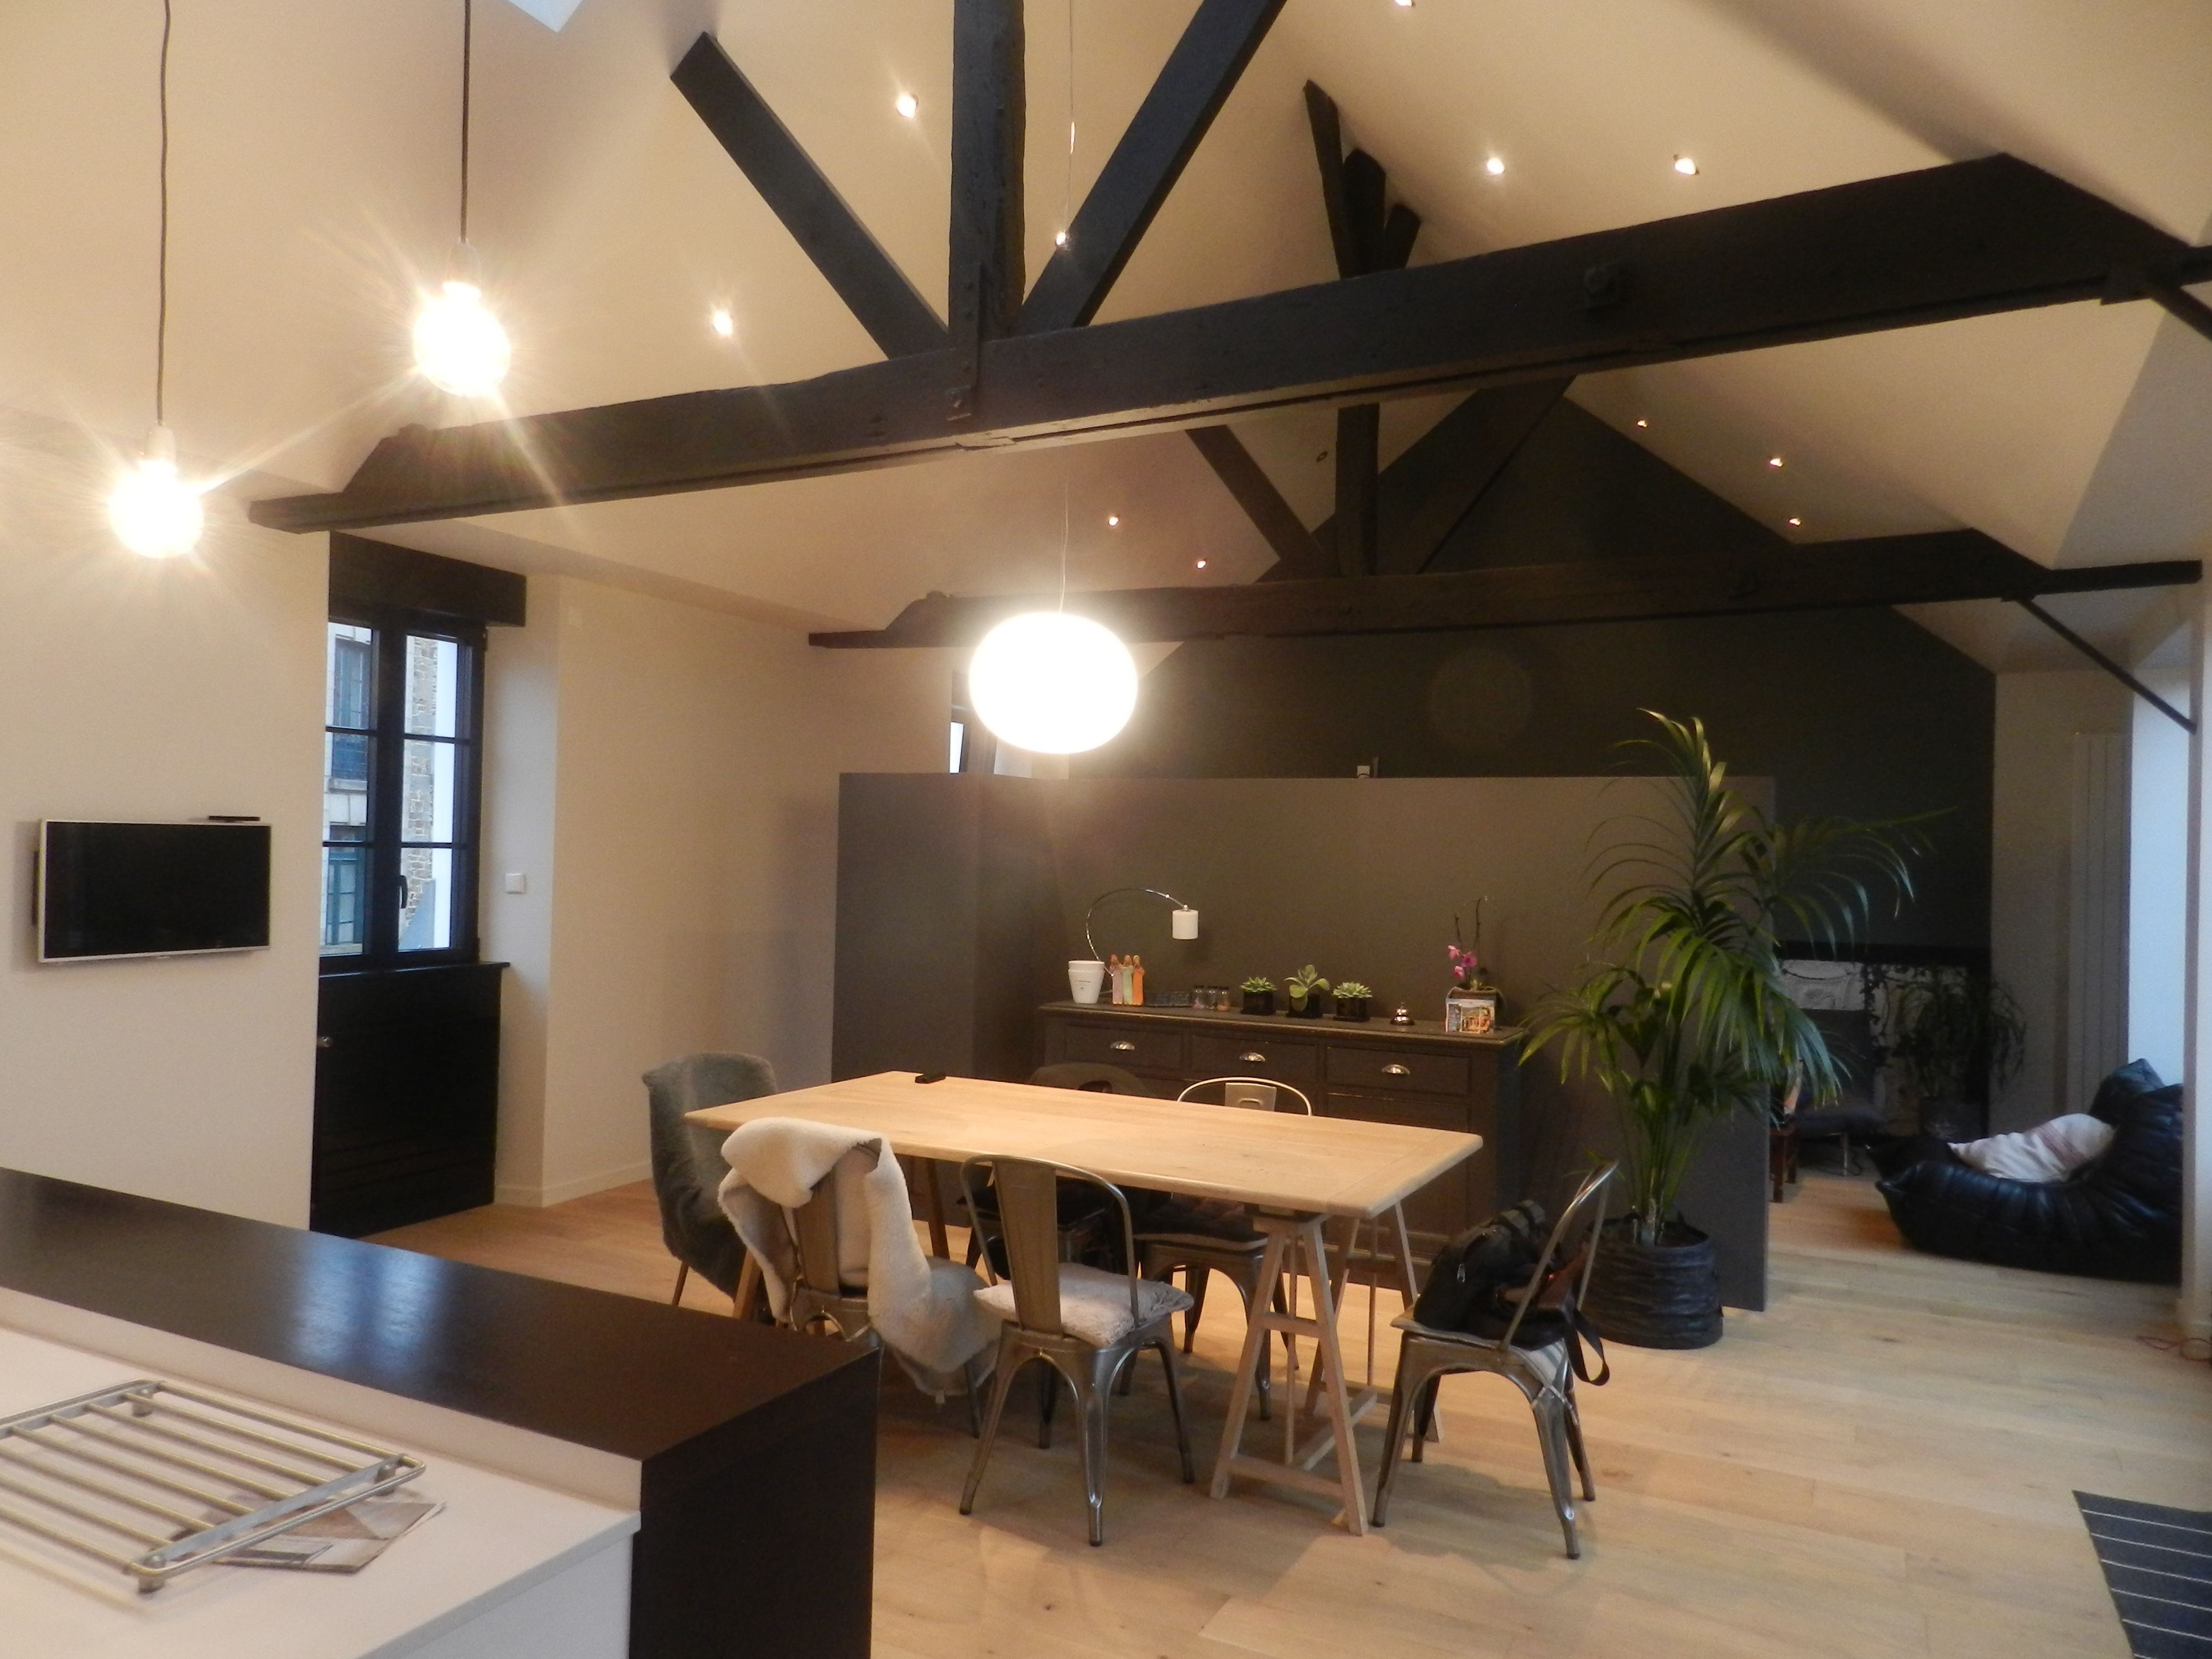 table de cuisine fixe au mur gallery of table de cuisine. Black Bedroom Furniture Sets. Home Design Ideas